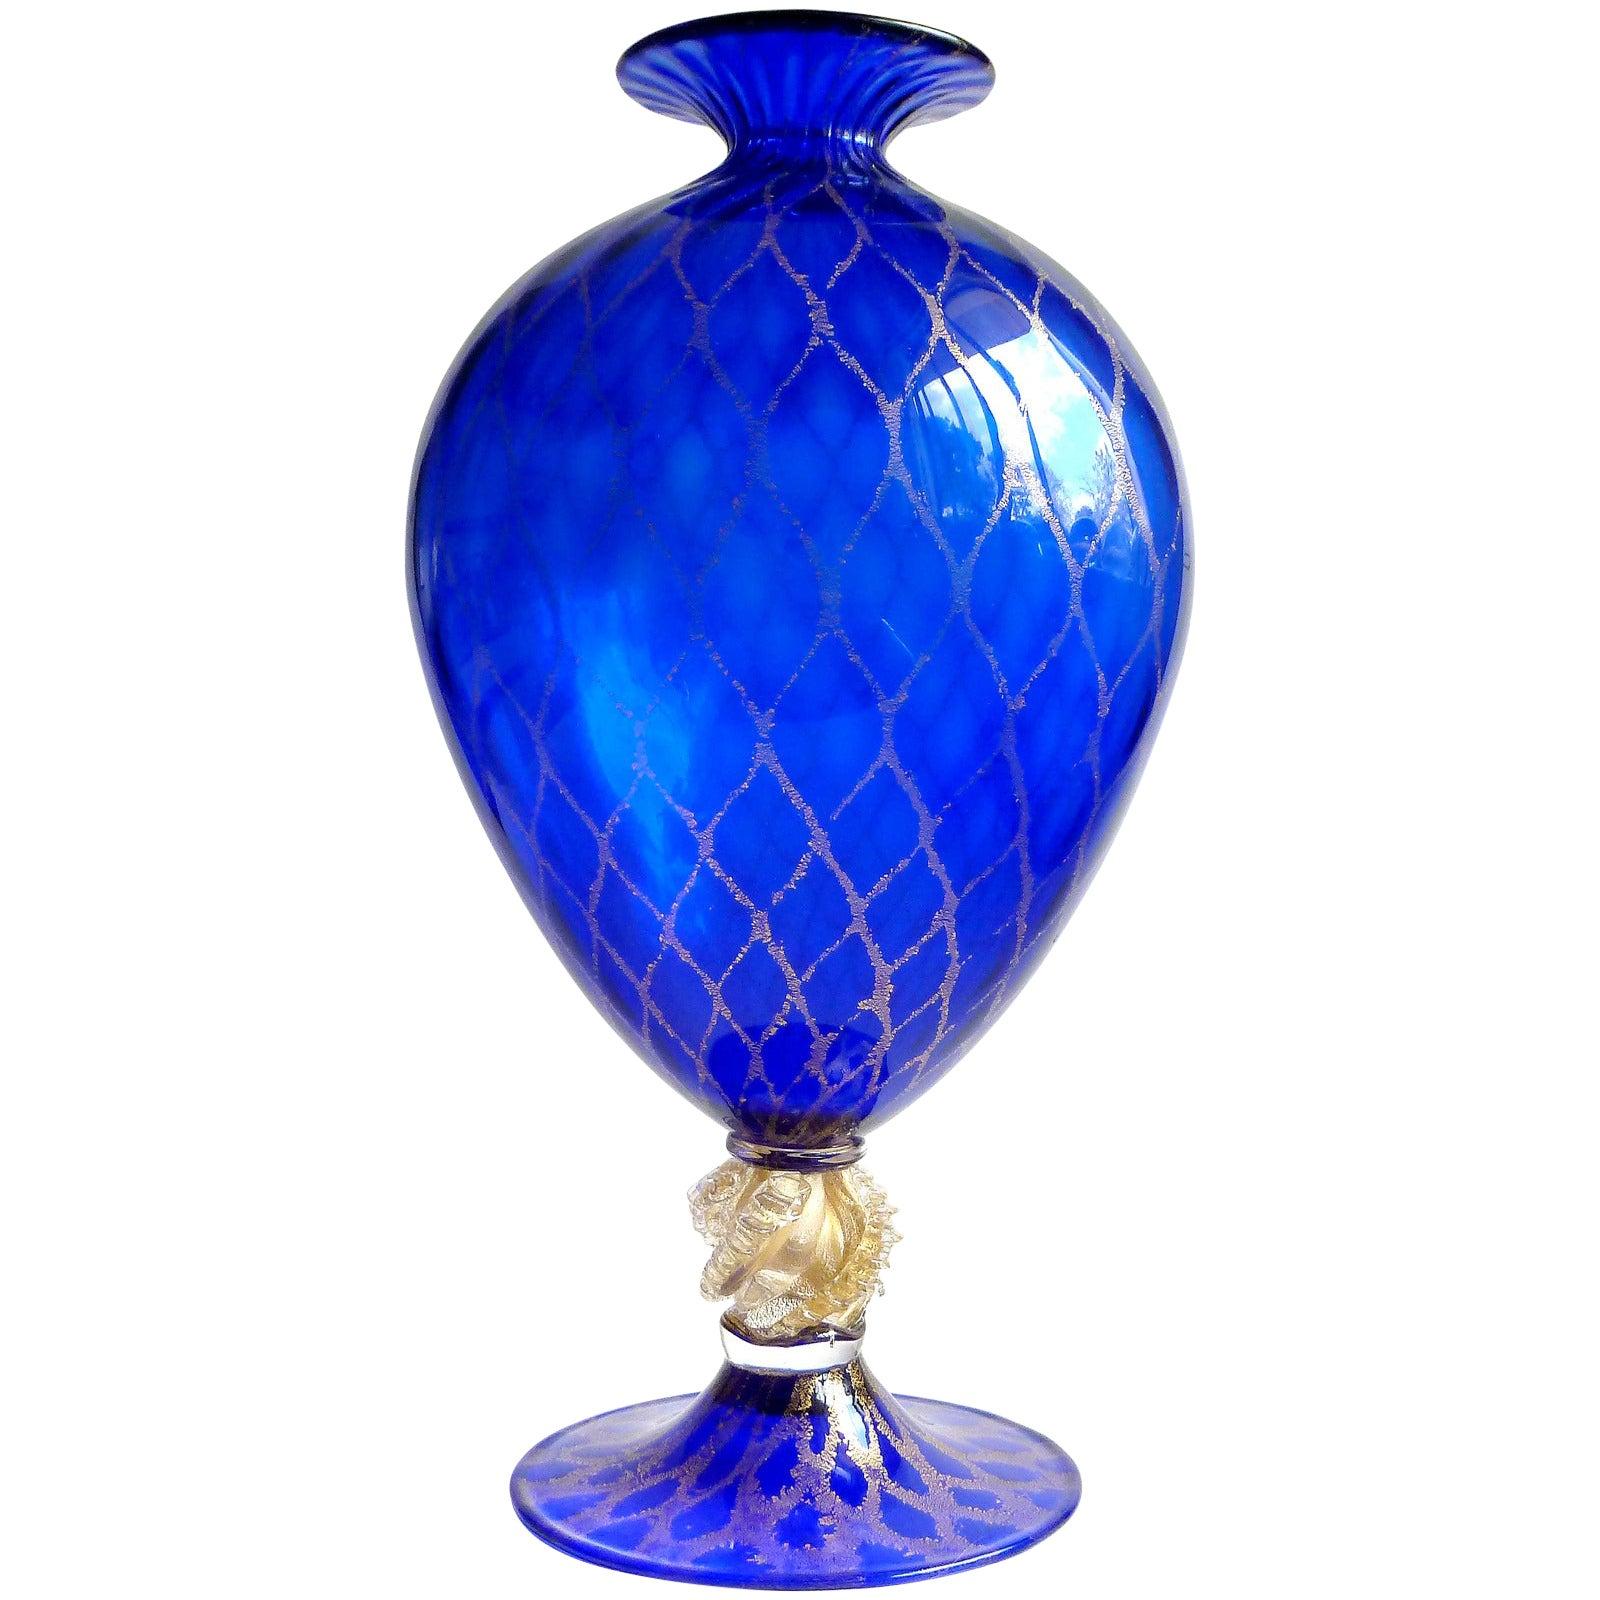 Nason Murano Sapphire Blue Gold Flecks Diamond Design Italian Art Glass Vase